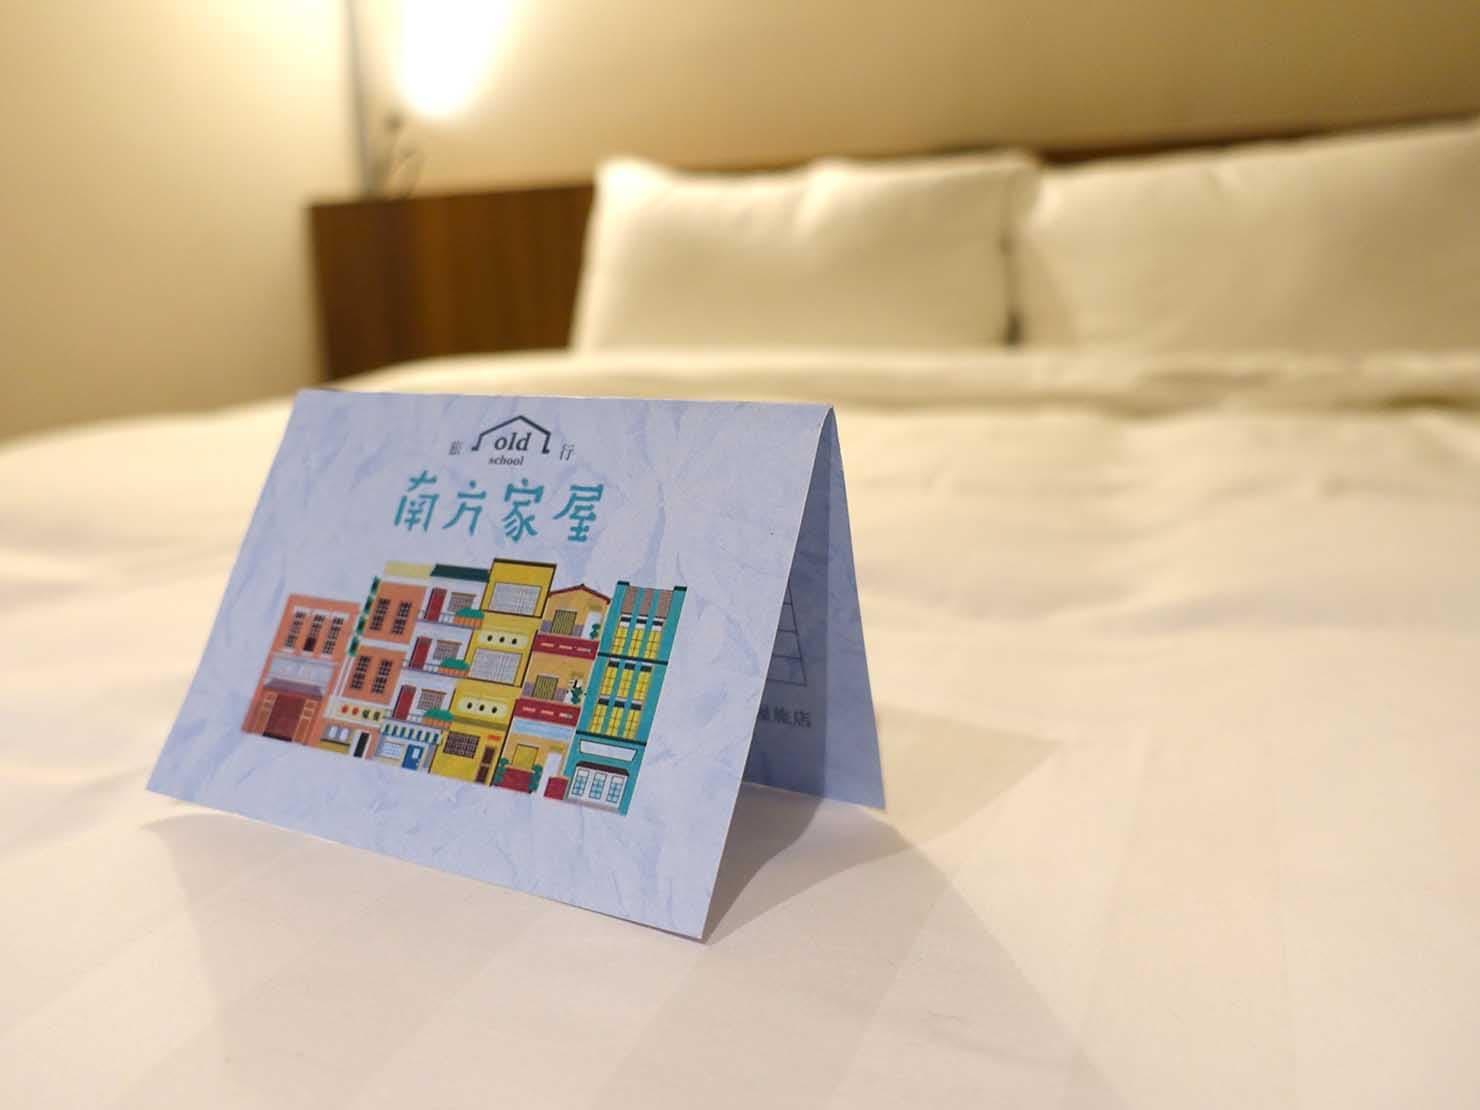 台南駅徒歩10分のかわいいデザインホテル「南方家屋 Old School」休閒雙人房(レジャーダブル)ダブルベッドのペーパーアイテム